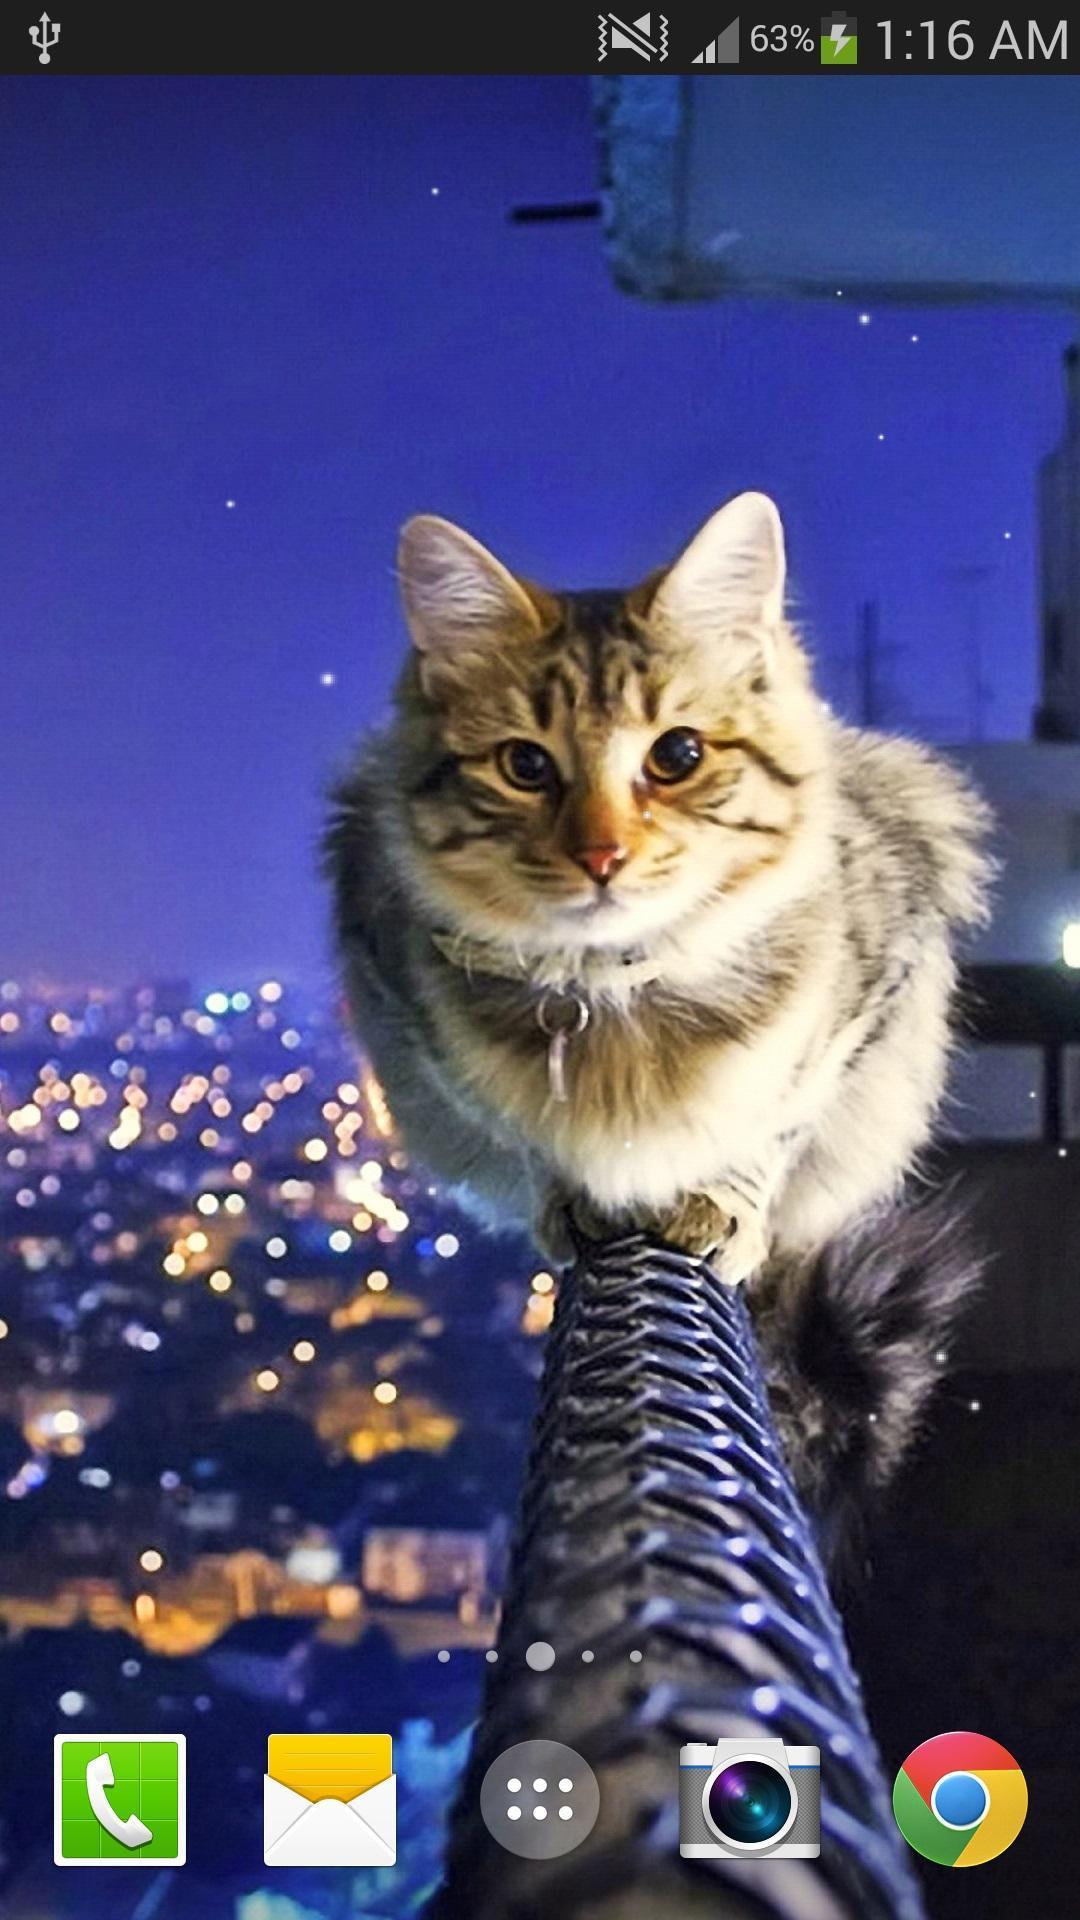 Android 用の 猫ライブ壁紙無料 Pro Apk をダウンロード